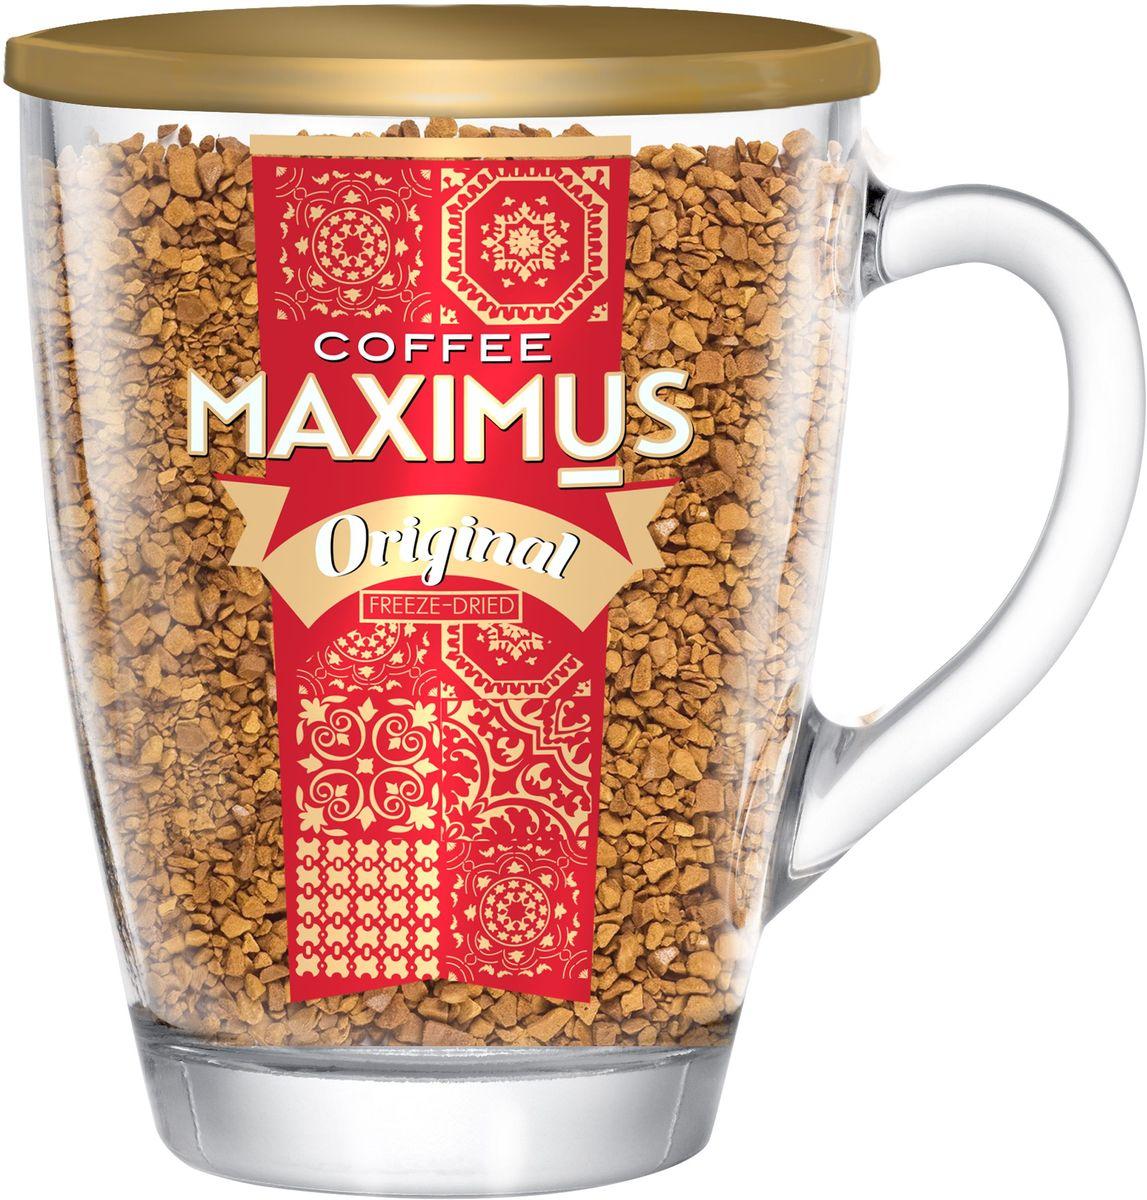 Сублимированый кофев  Maximus  Original в кружке 70гр.